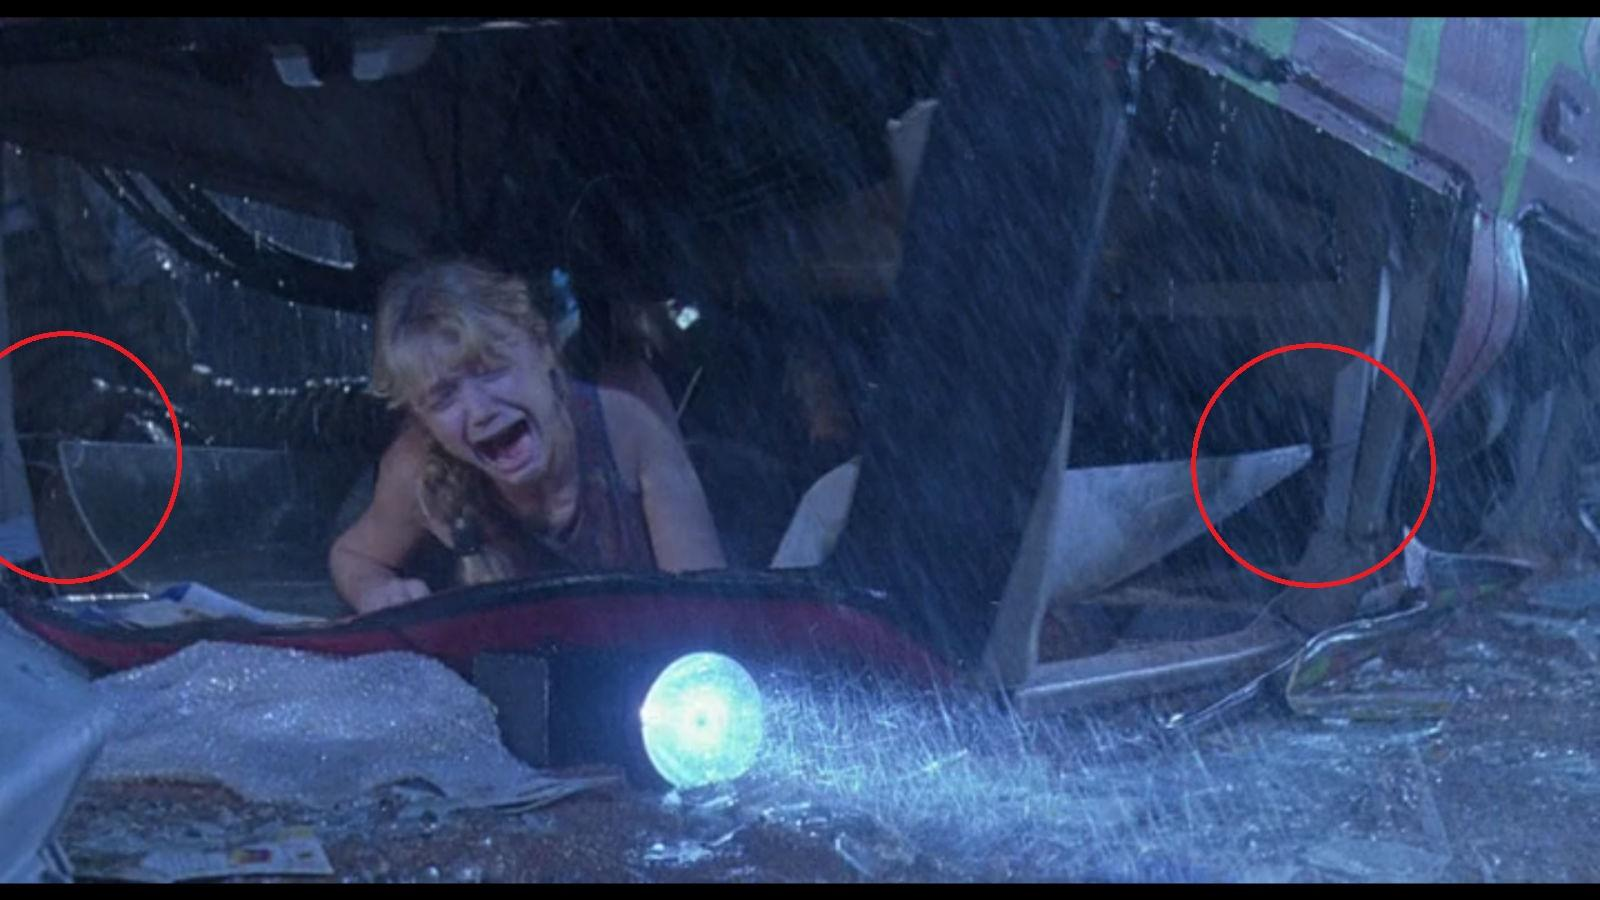 Miután az Exploreret felborította  T-Rex, látszanak a drótok és a lyukak, amik segítségével rögzítve volt a tető. (Universal Pictures)